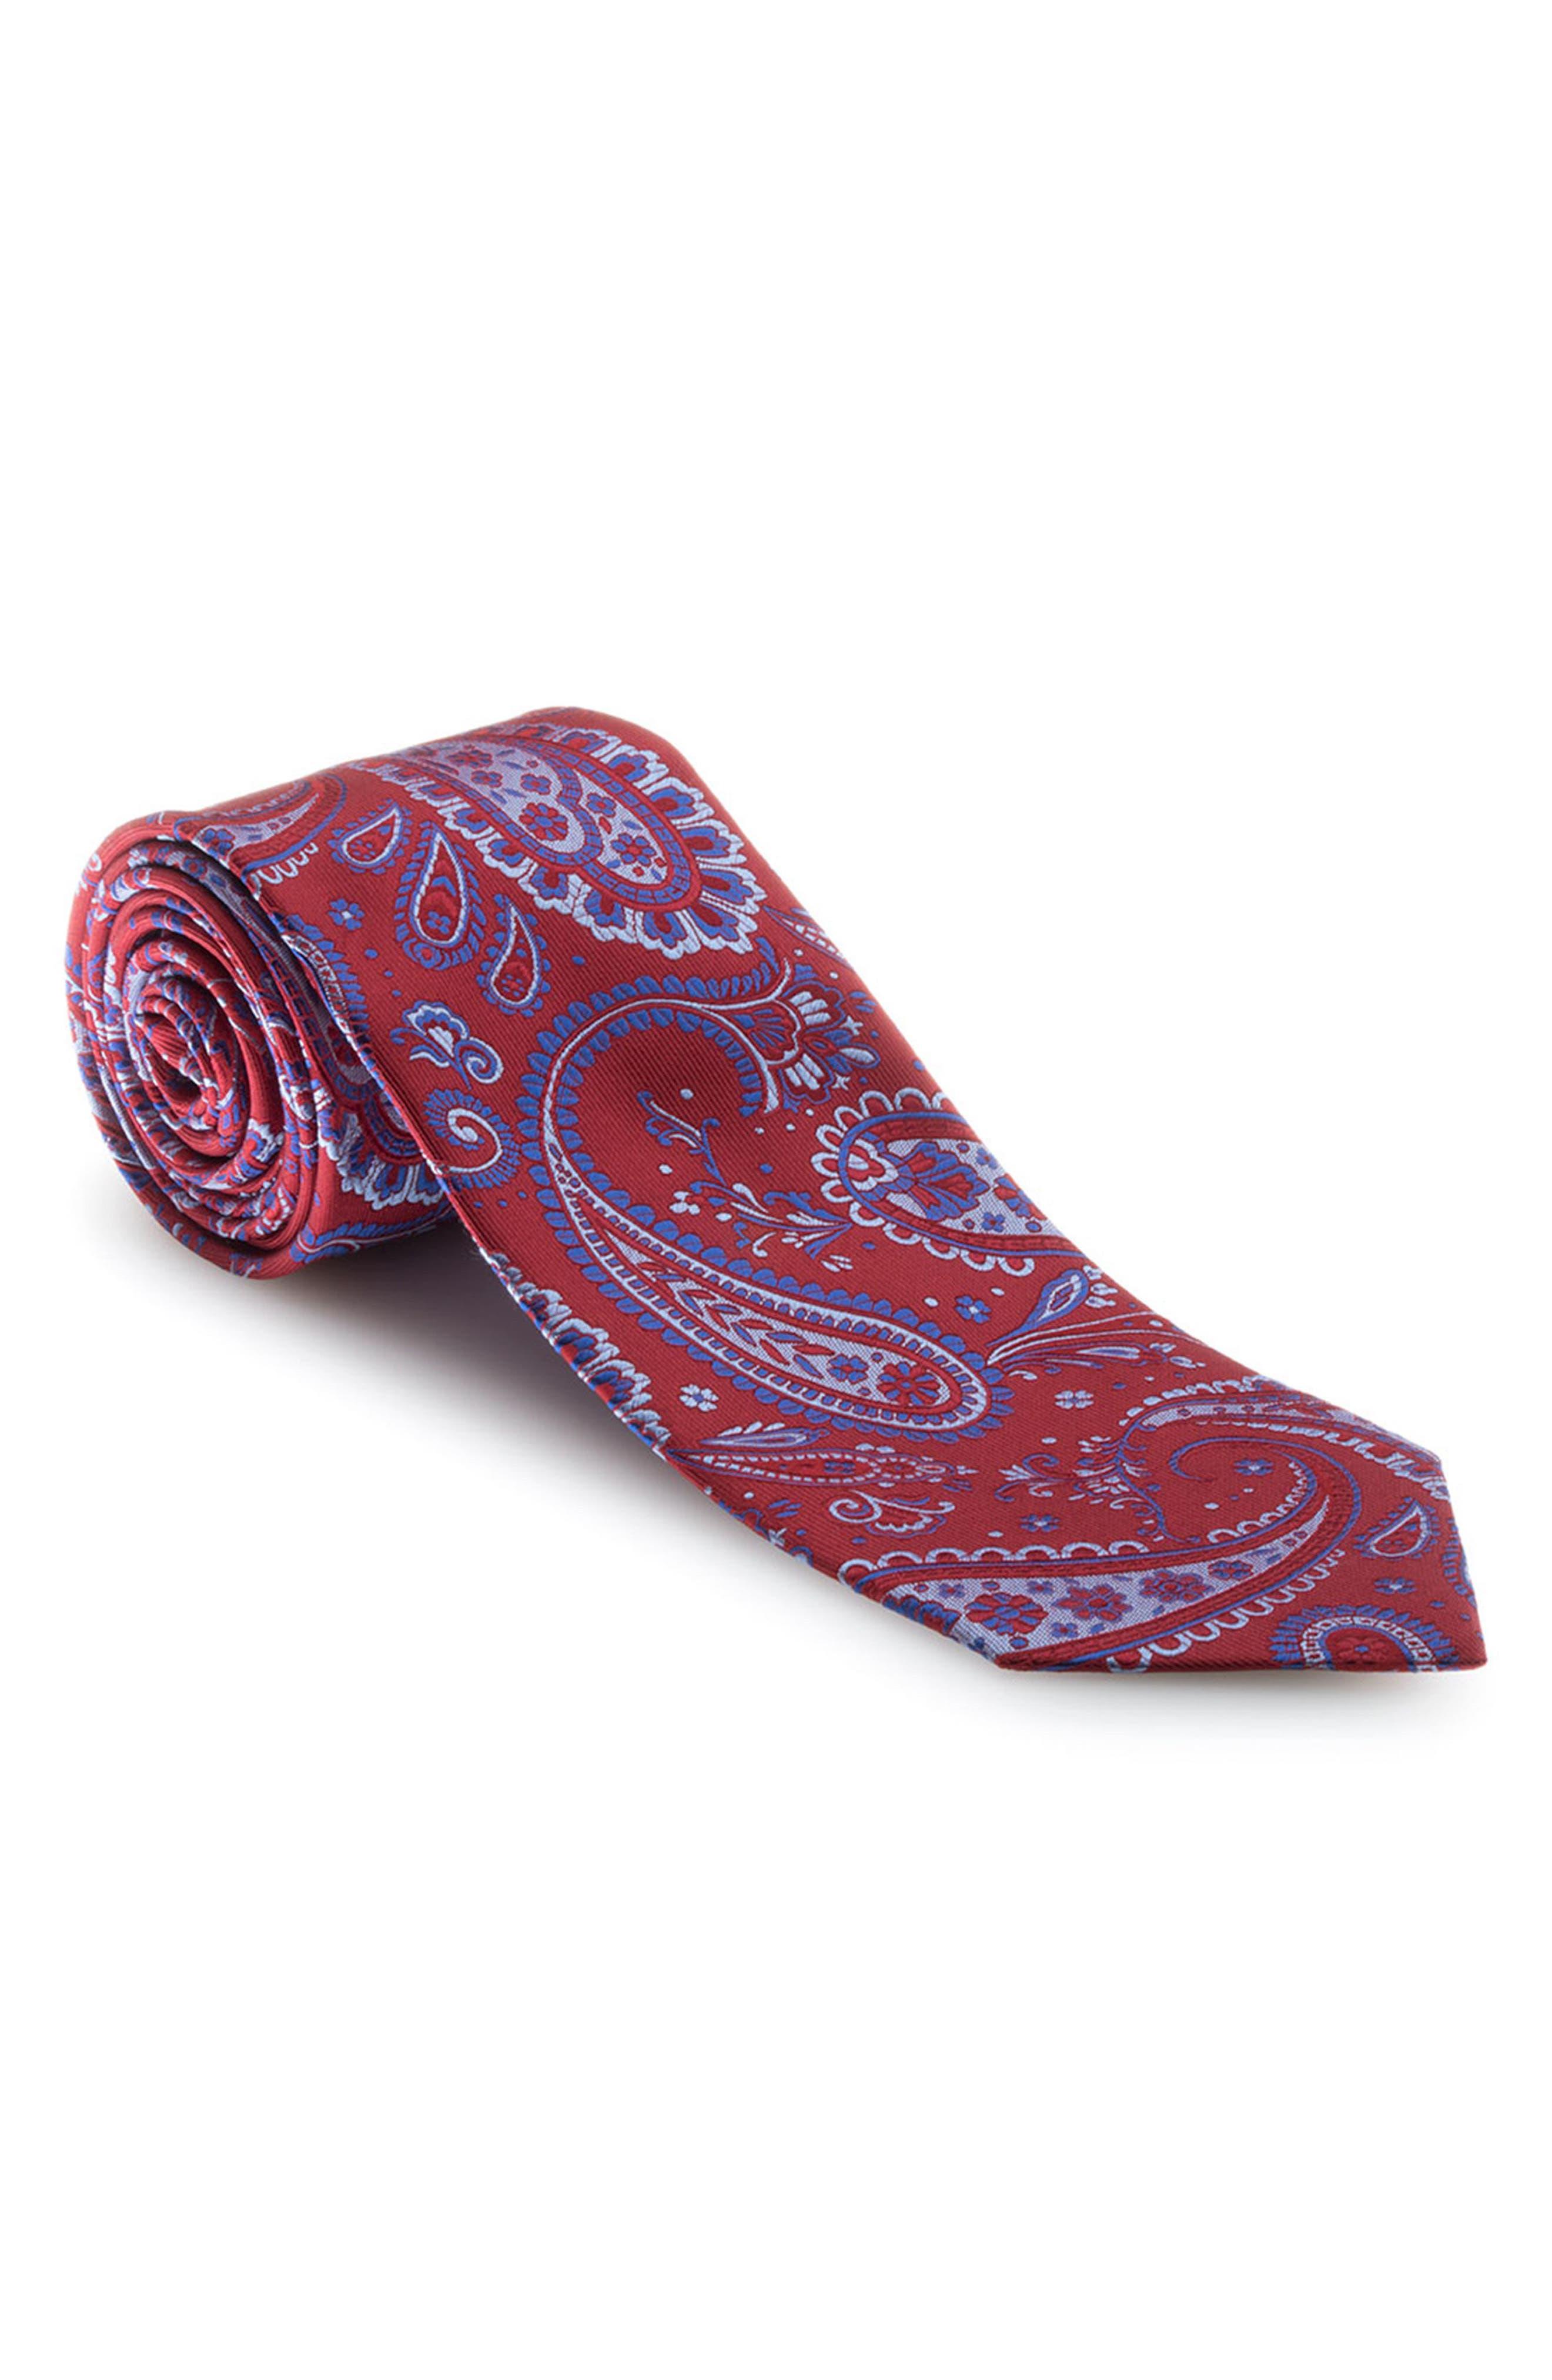 Main Image - Robert Talbott Paisley Silk Tie